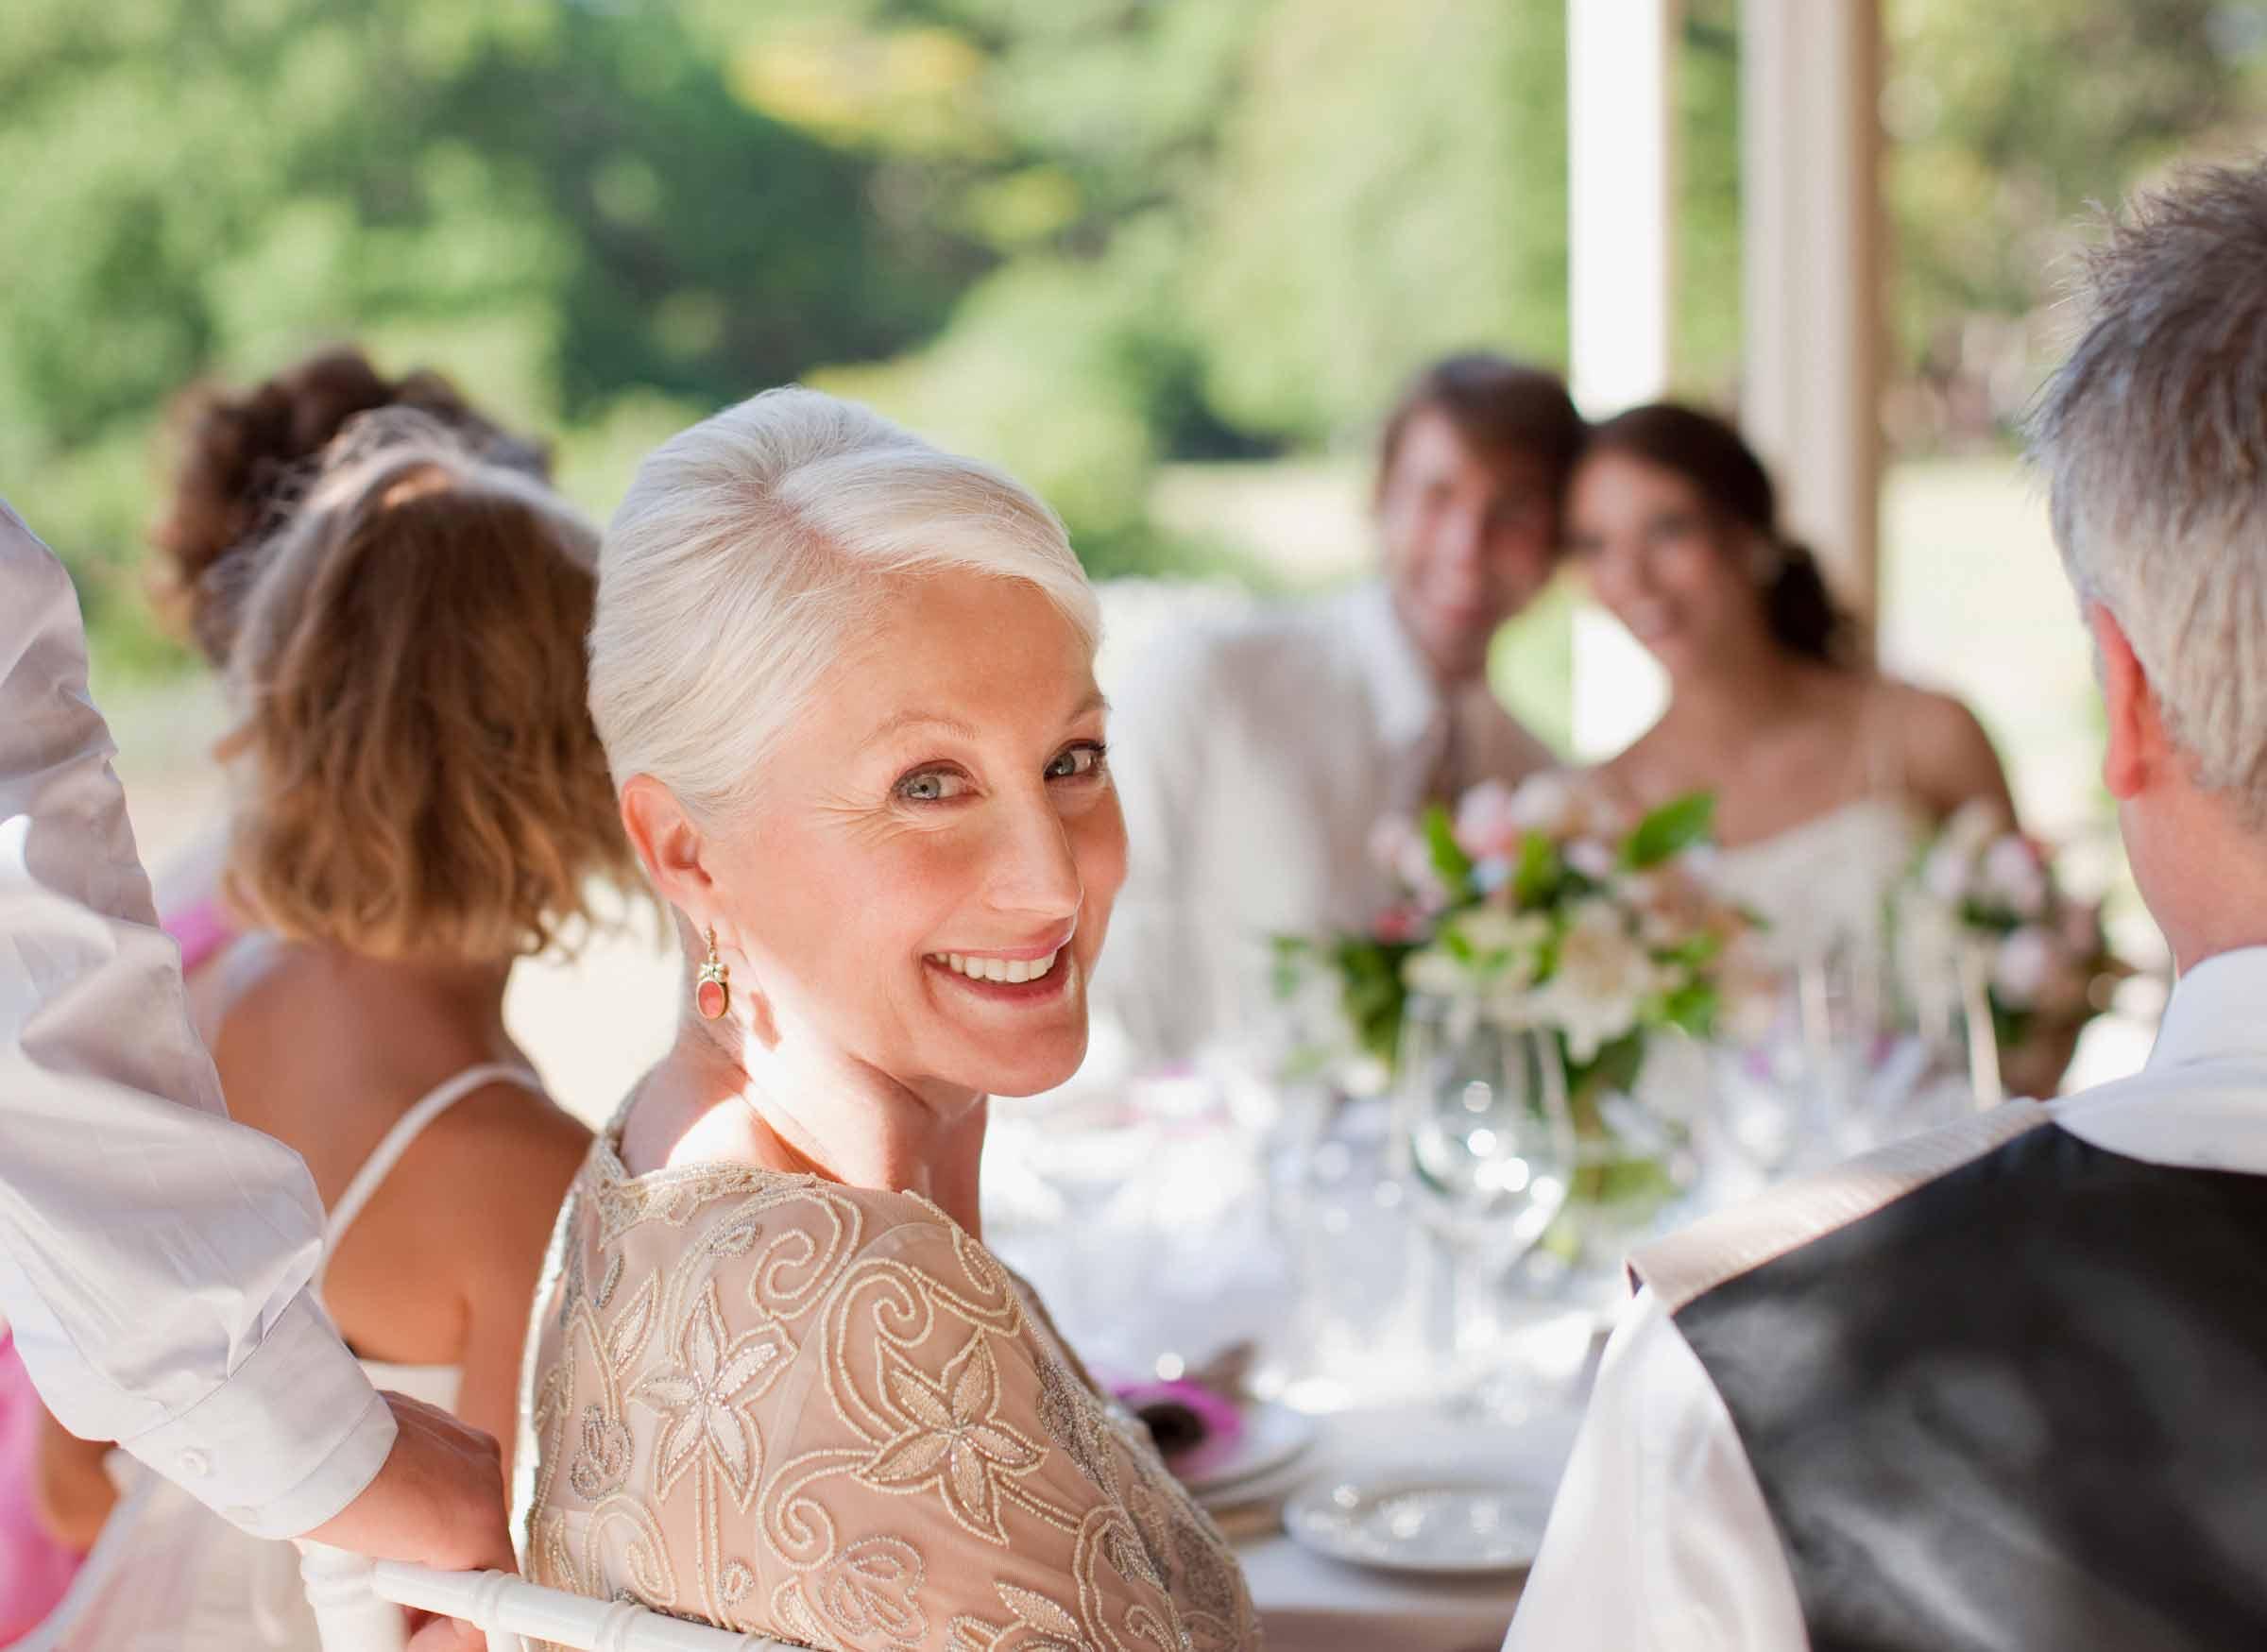 mother of the groom 4 - خلاصهای از وظایف رسمی مادر داماد